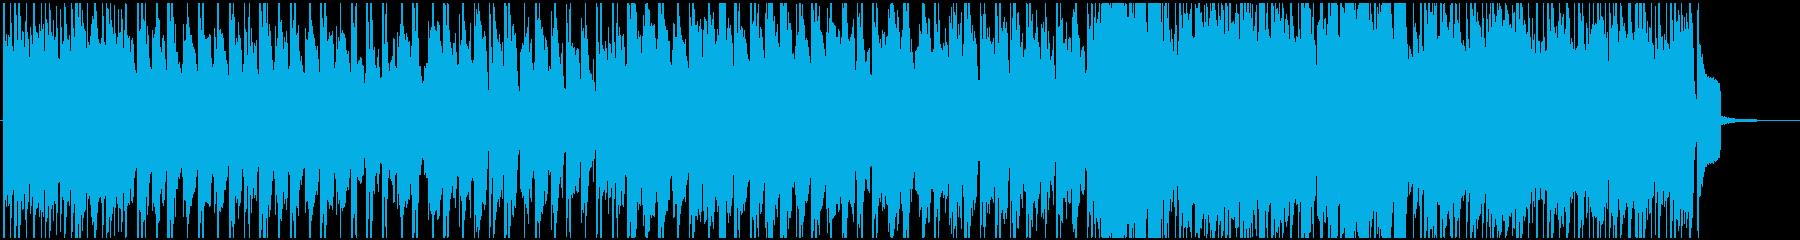 北島三郎のイメージのオリジナル演歌の再生済みの波形